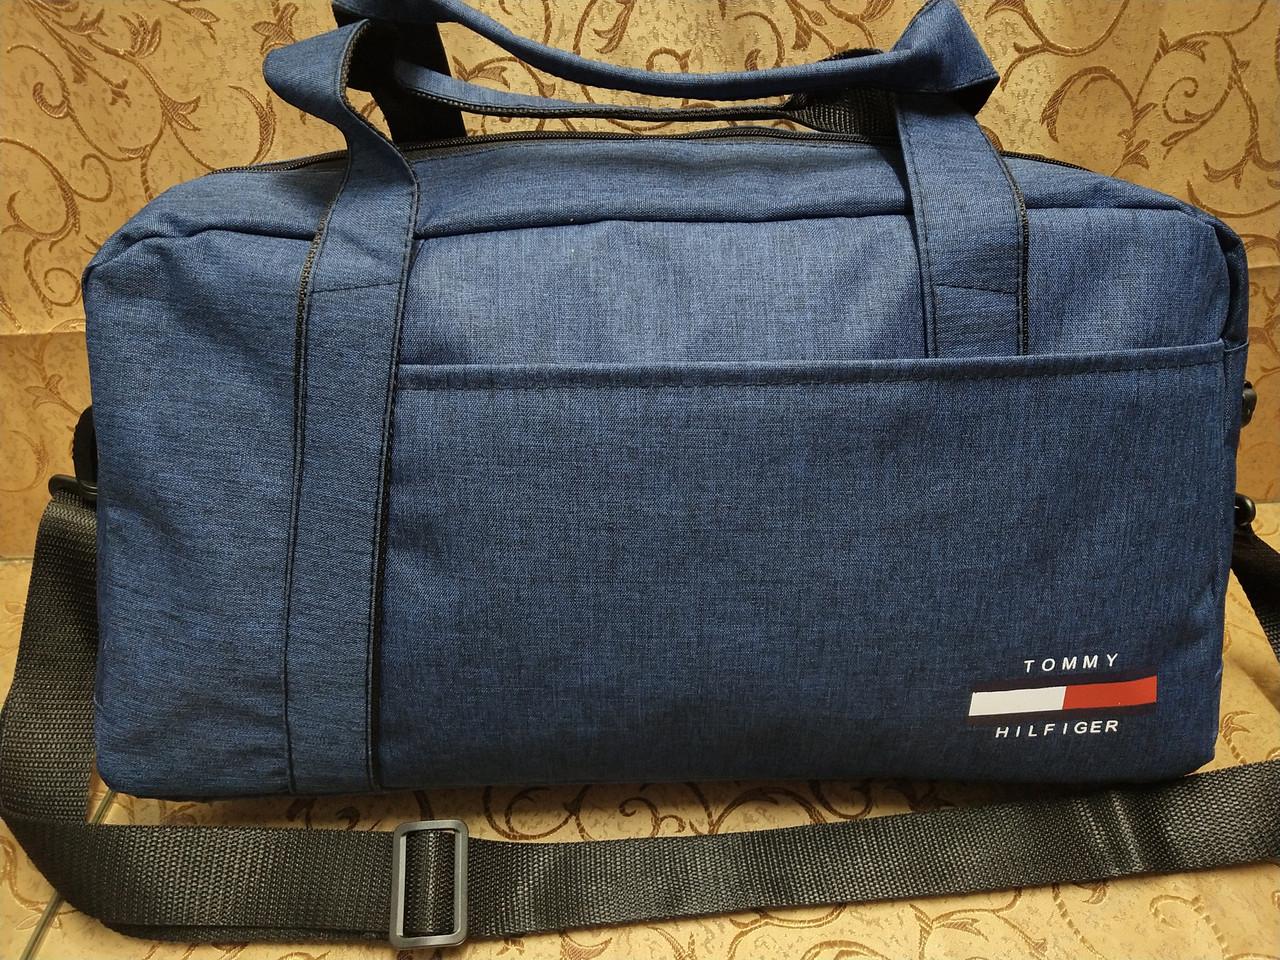 Спортивна дорожня tommy Томмі месенджер оптом/Спортивна сумка тільки оптом